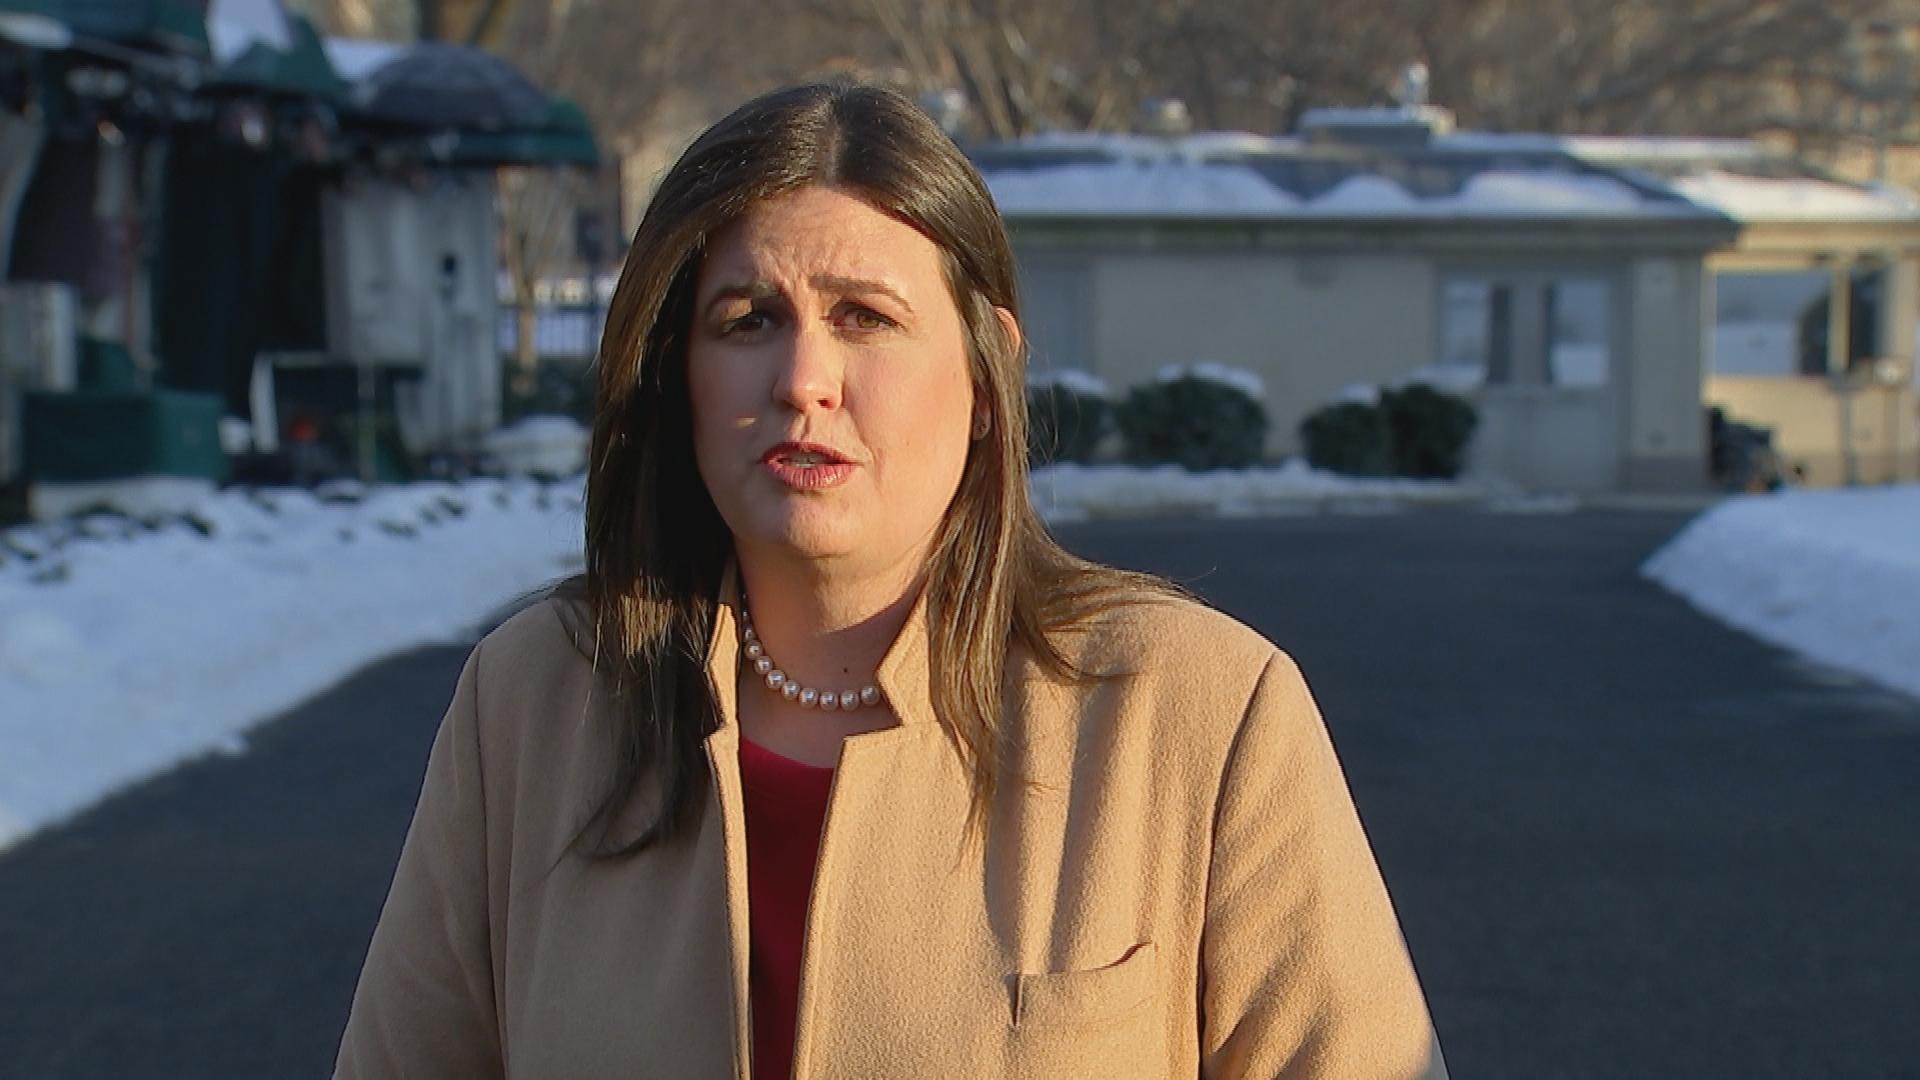 Sarah Sanders calls Rep. Steve King's white supremacy remarks 'abhorrent'